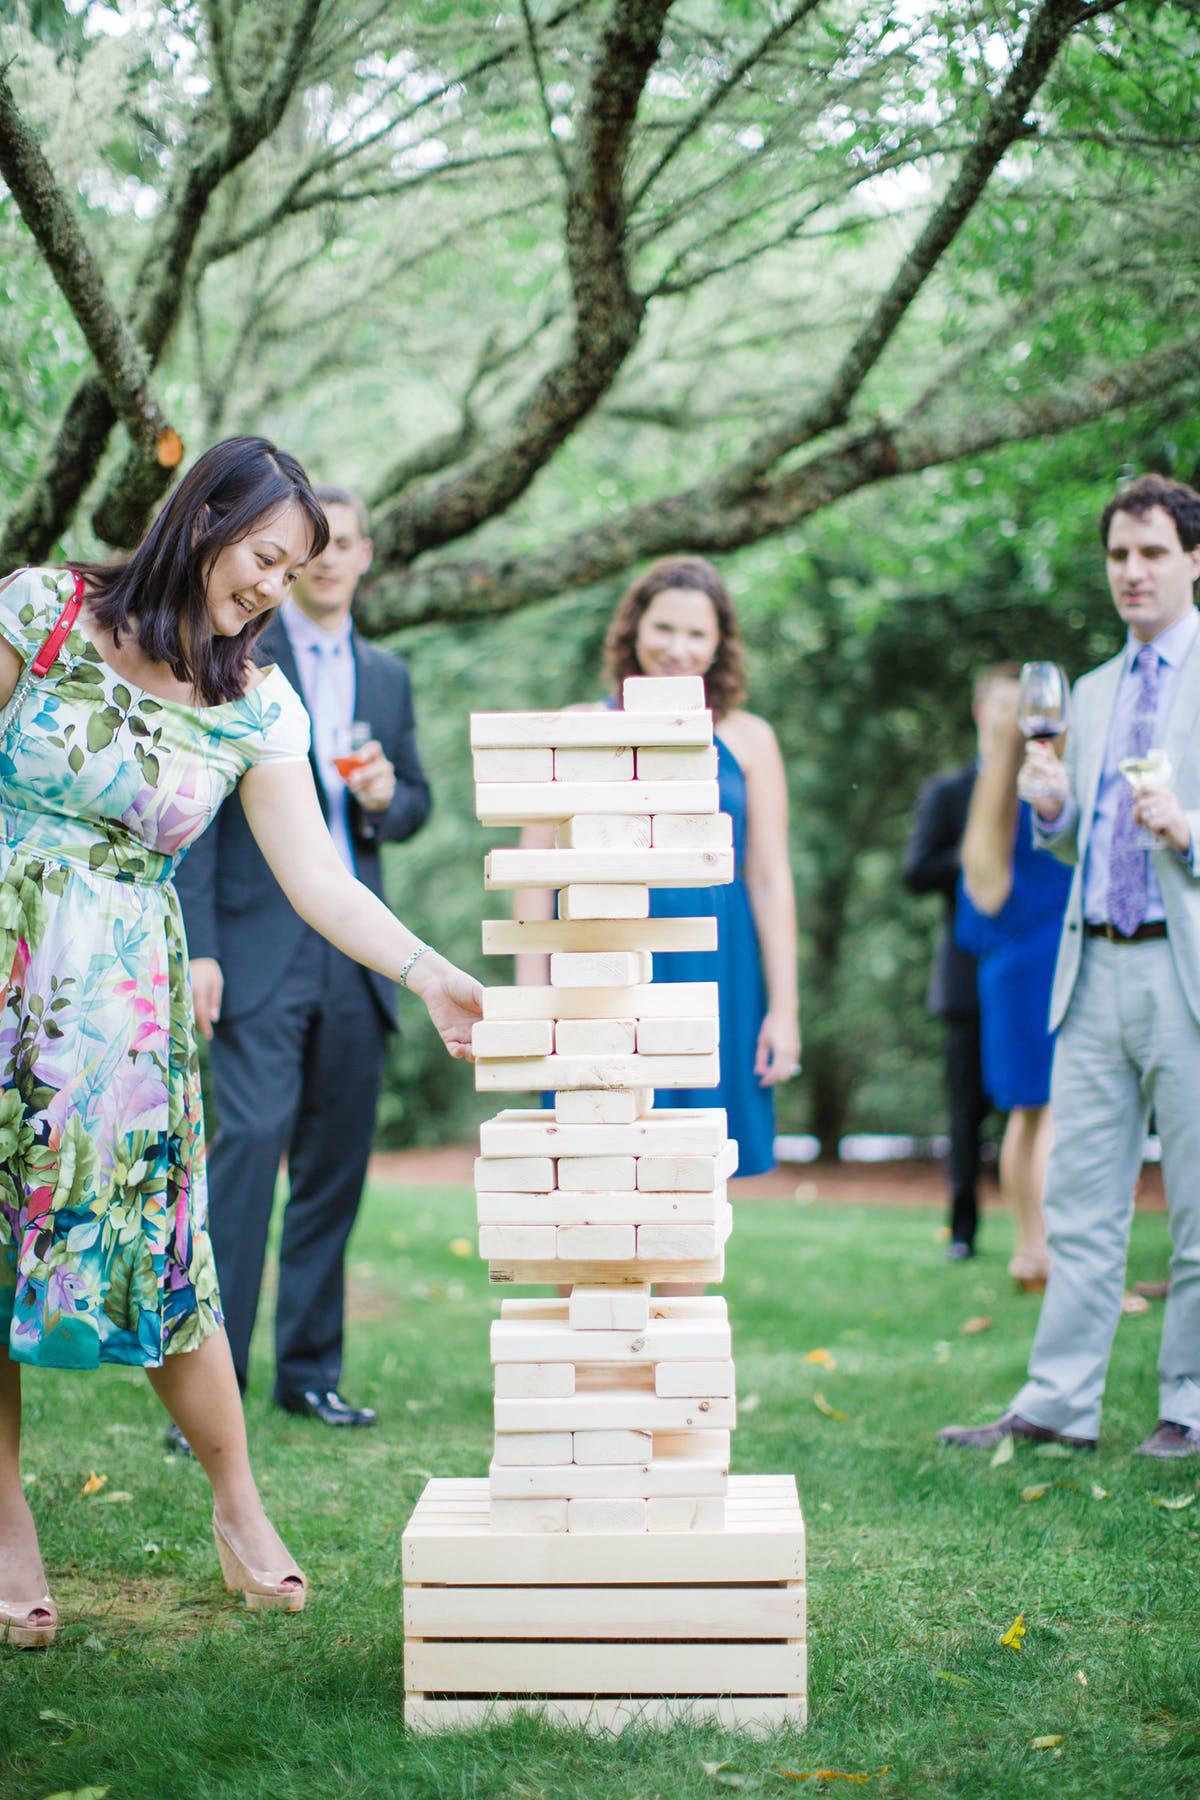 Ideas-de-juegos-y-rincones-divertidos-para-tu-boda-03'